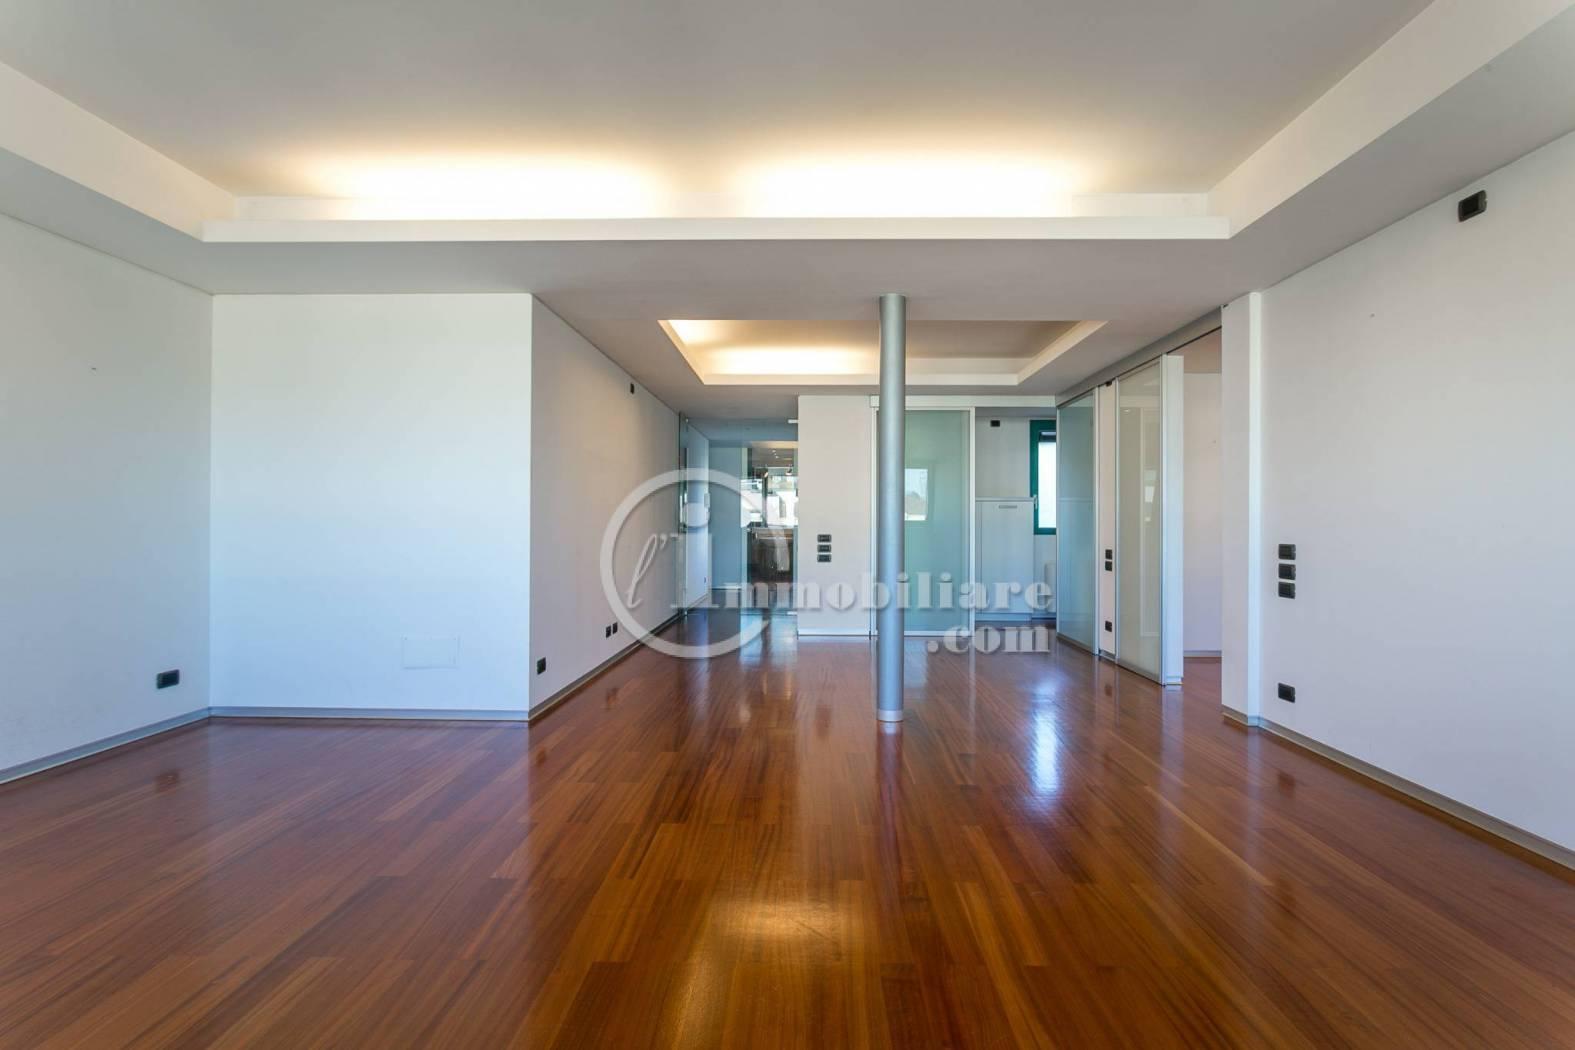 Appartamento in Affitto a Milano 01 Centro storico (Cerchia dei Navigli): 3 locali, 122 mq